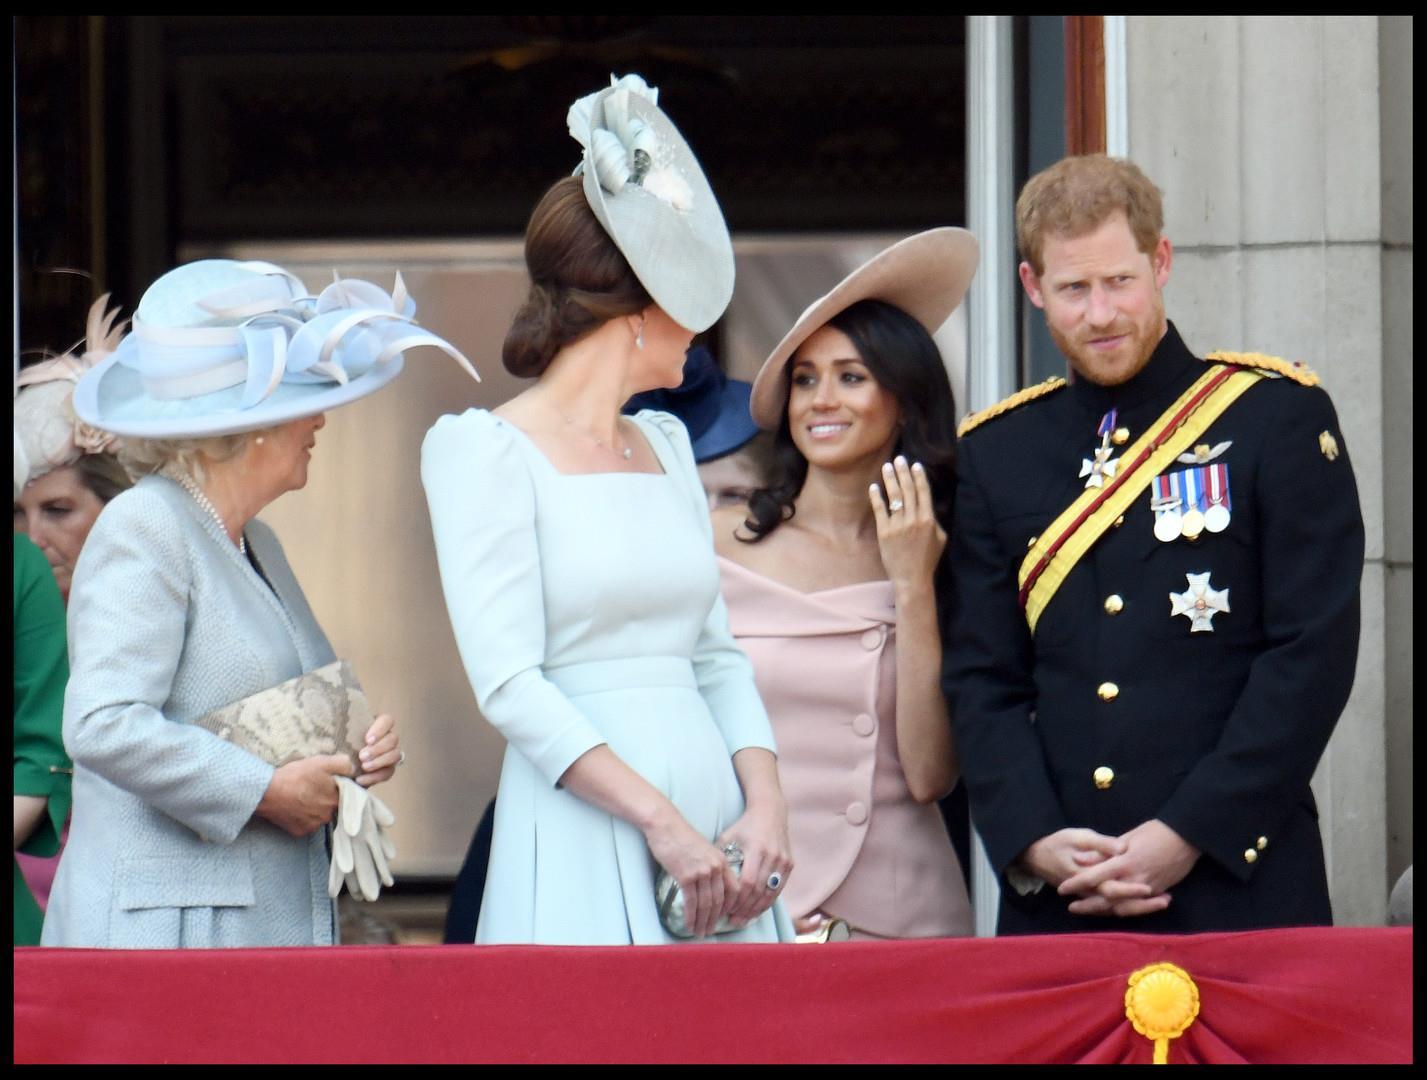 أول مشاركة لميغان في الاحتفال الرسمي بميلاد الملكة